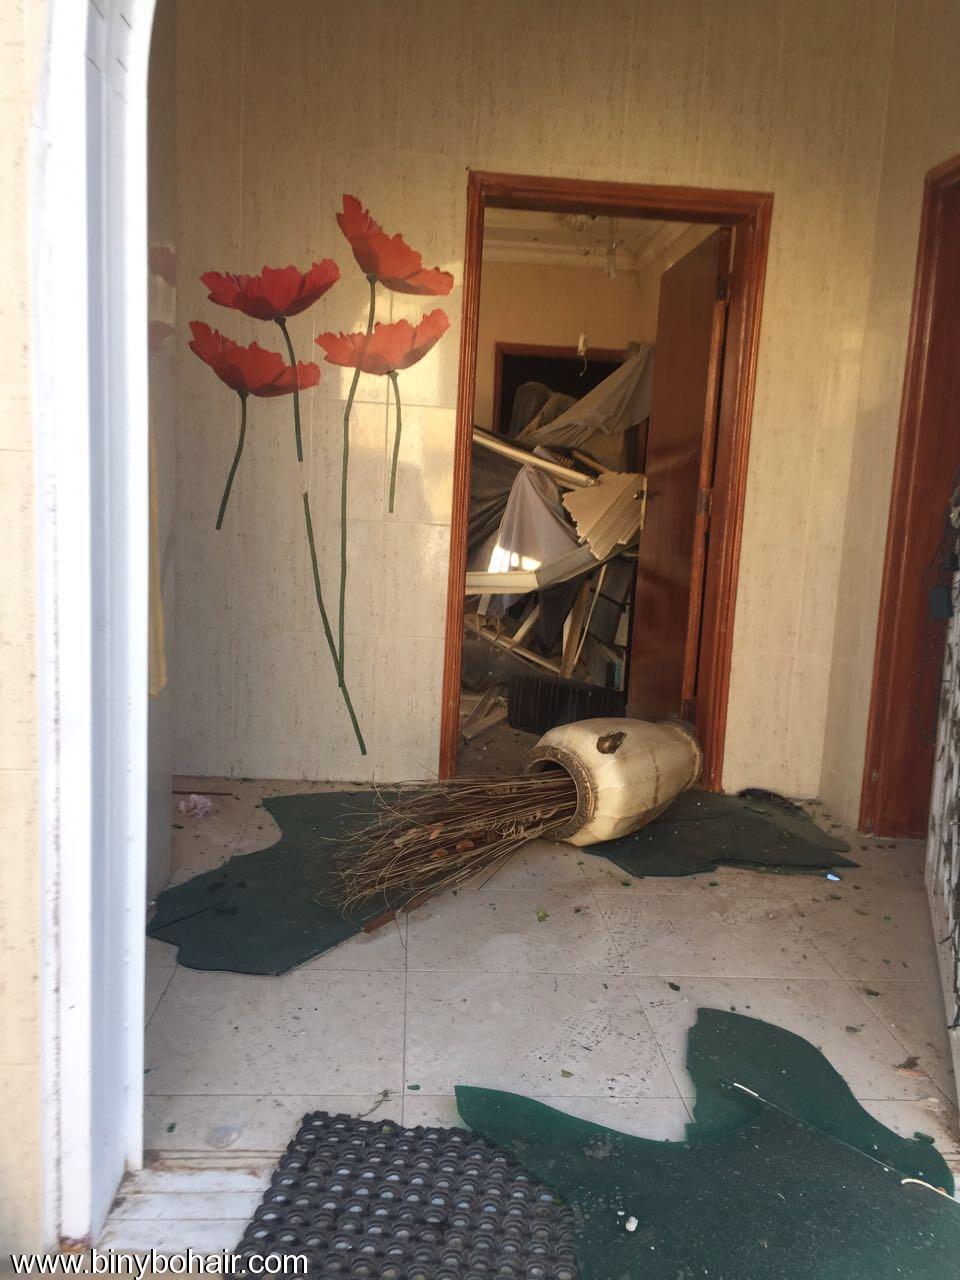 """بالصور ..سقوط قذائف منزل """" mej71887.jpeg"""